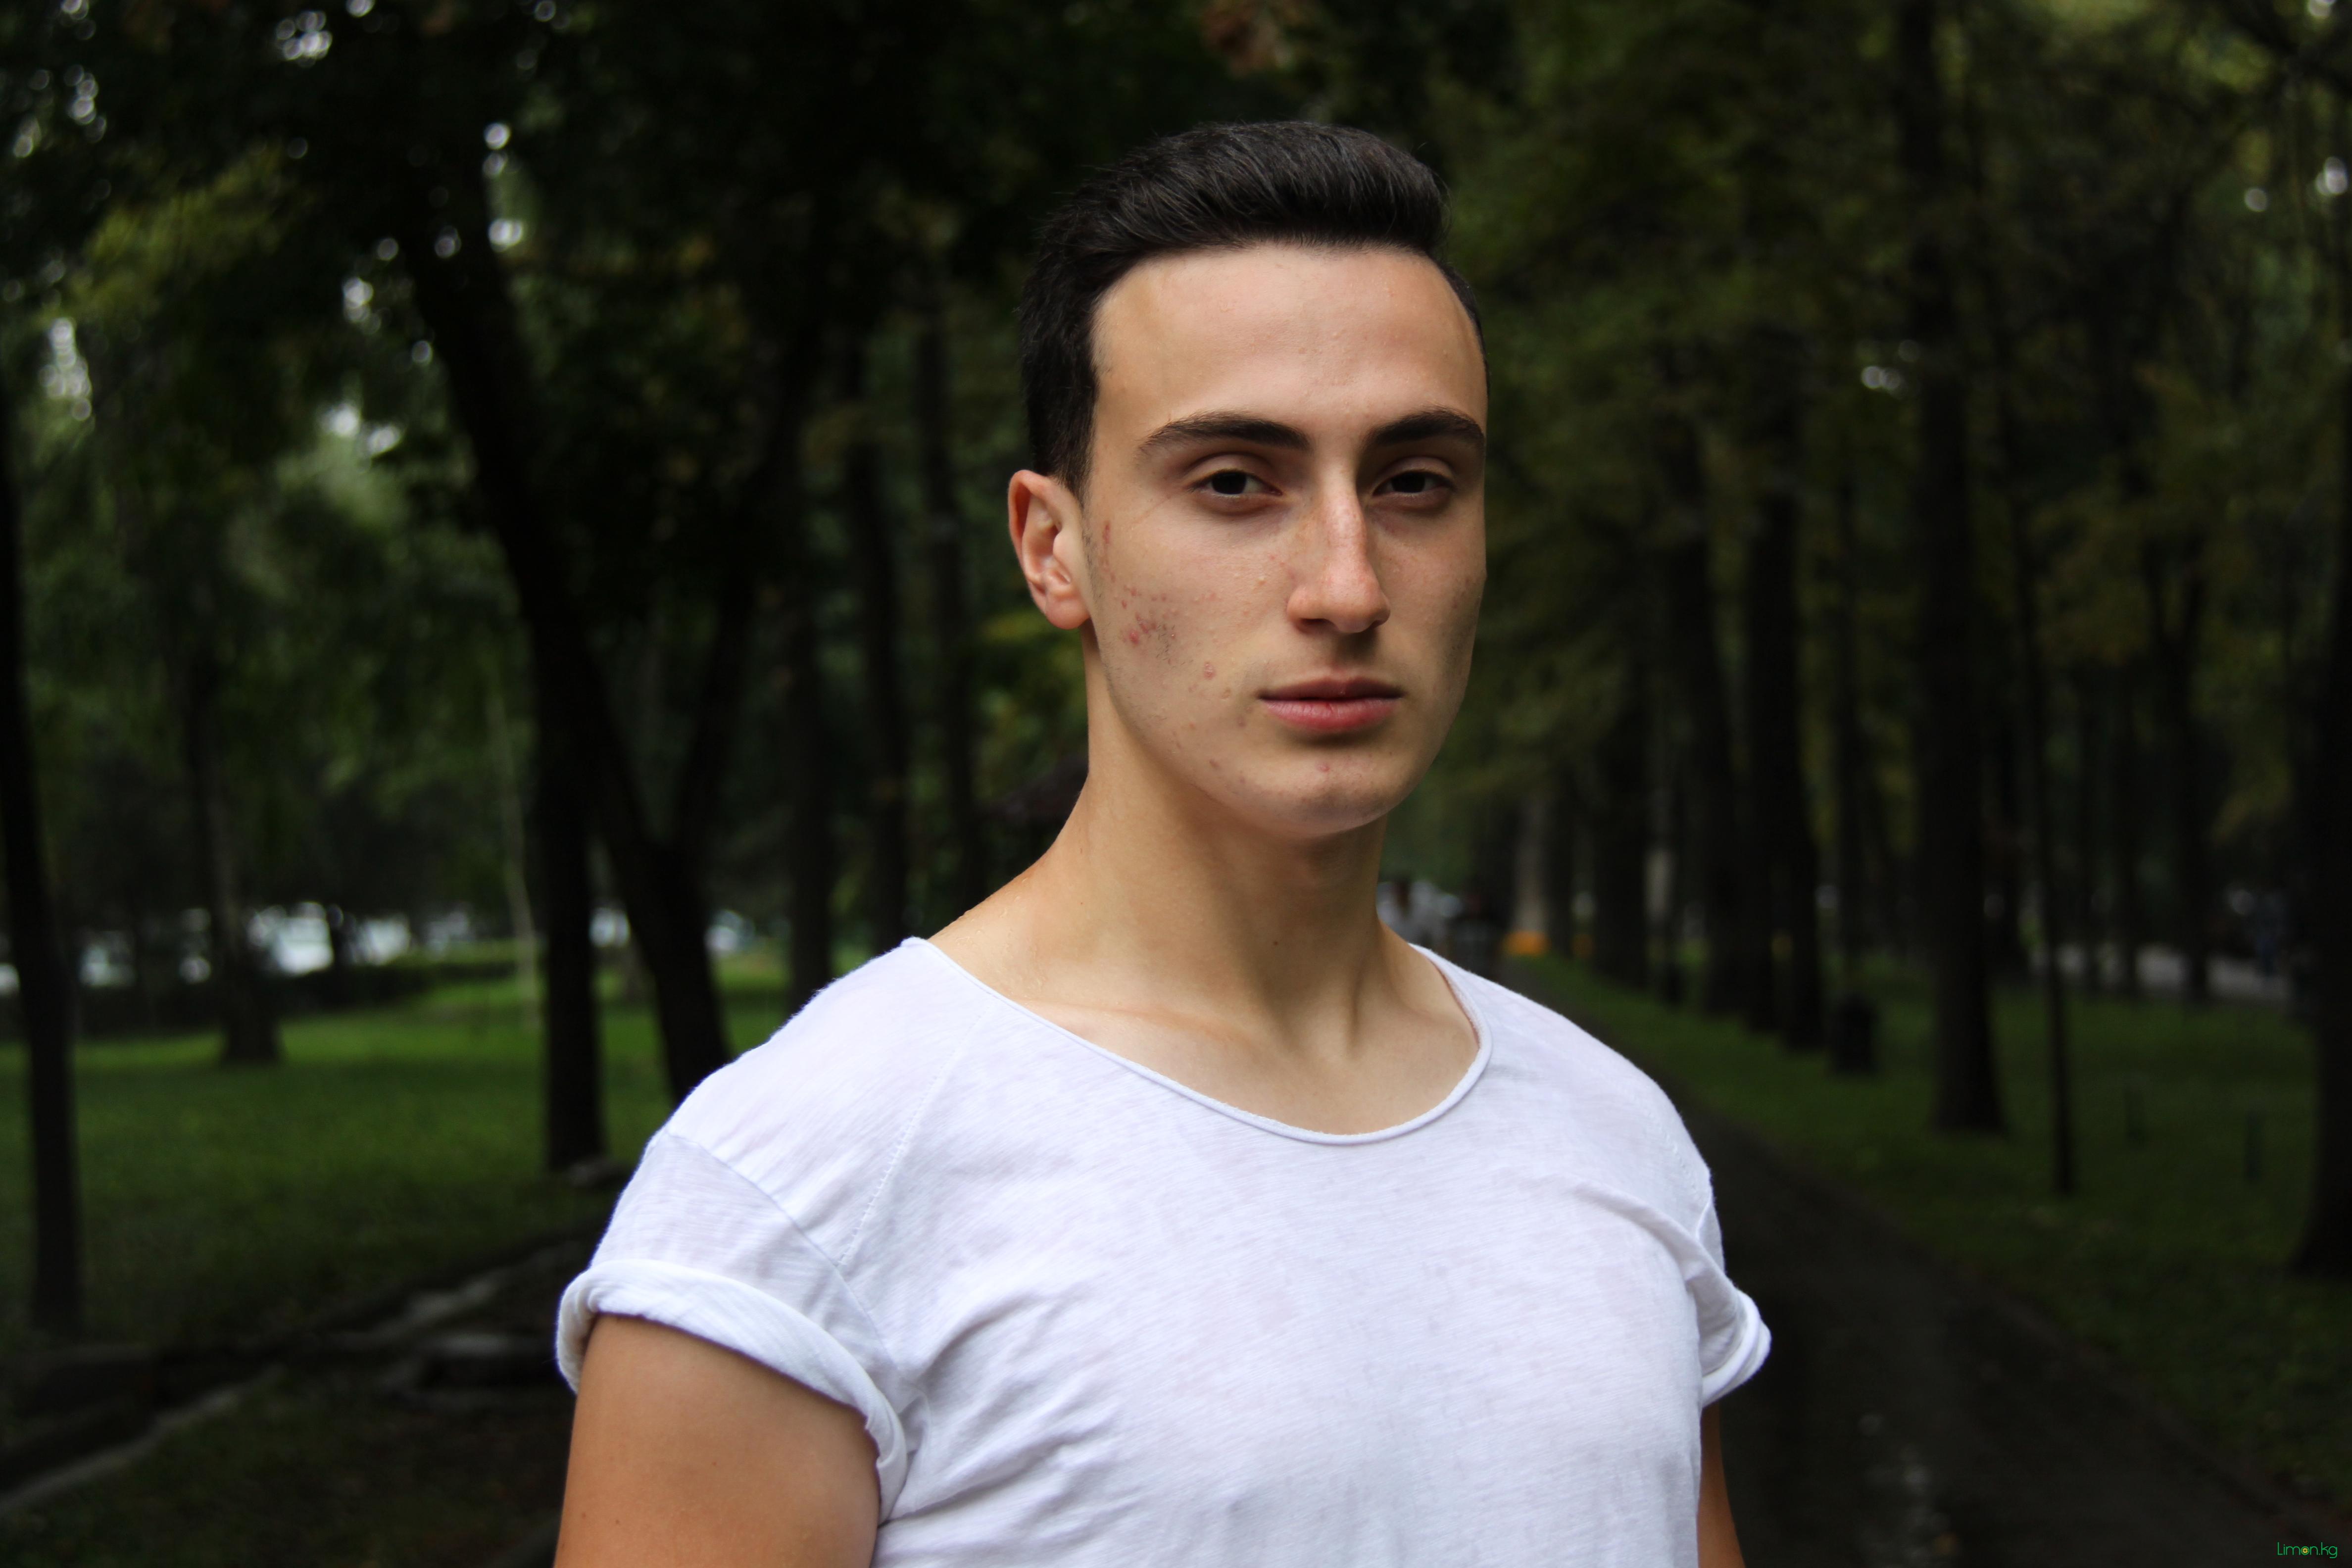 Карим Зайцев, 19 лет, студент, модель